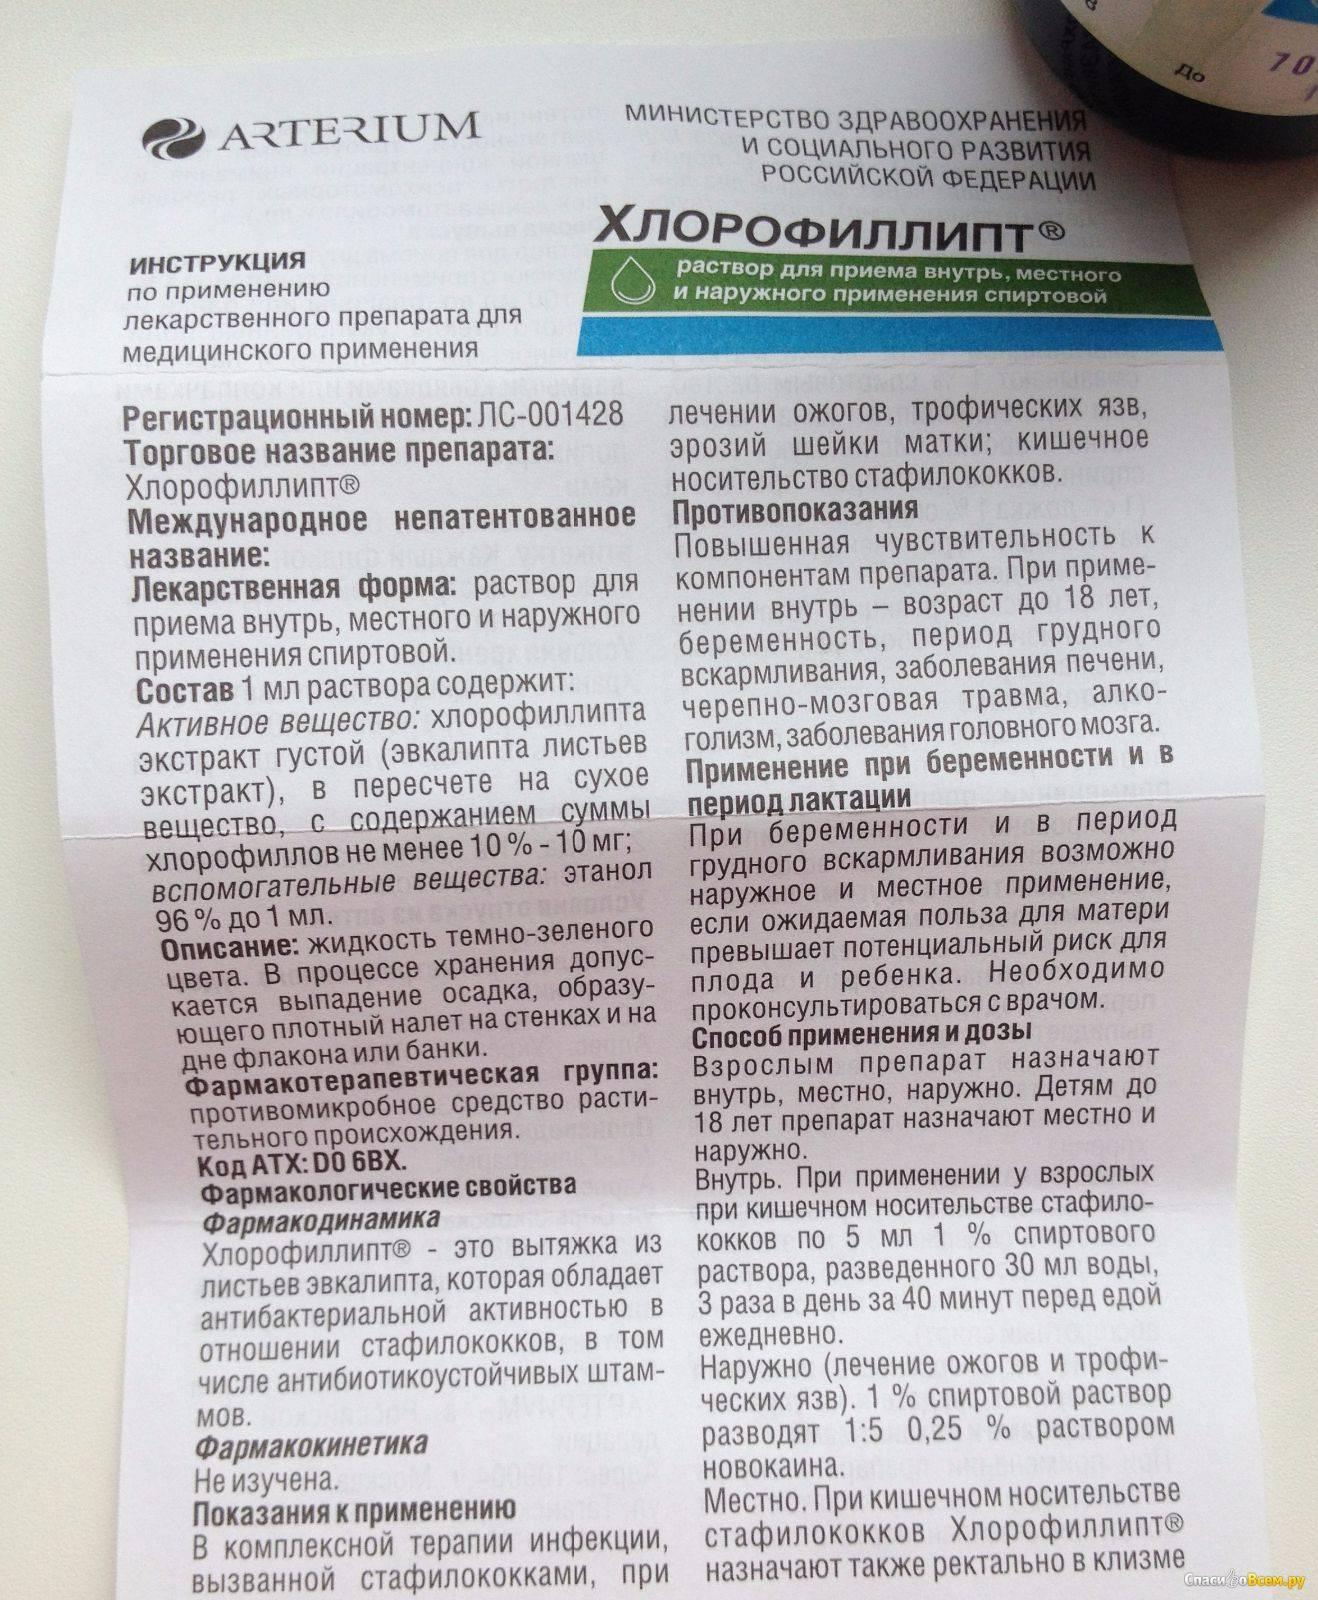 """Раствор для местного применения """"фурацилин"""": описание лекарства, инструкция по применению"""